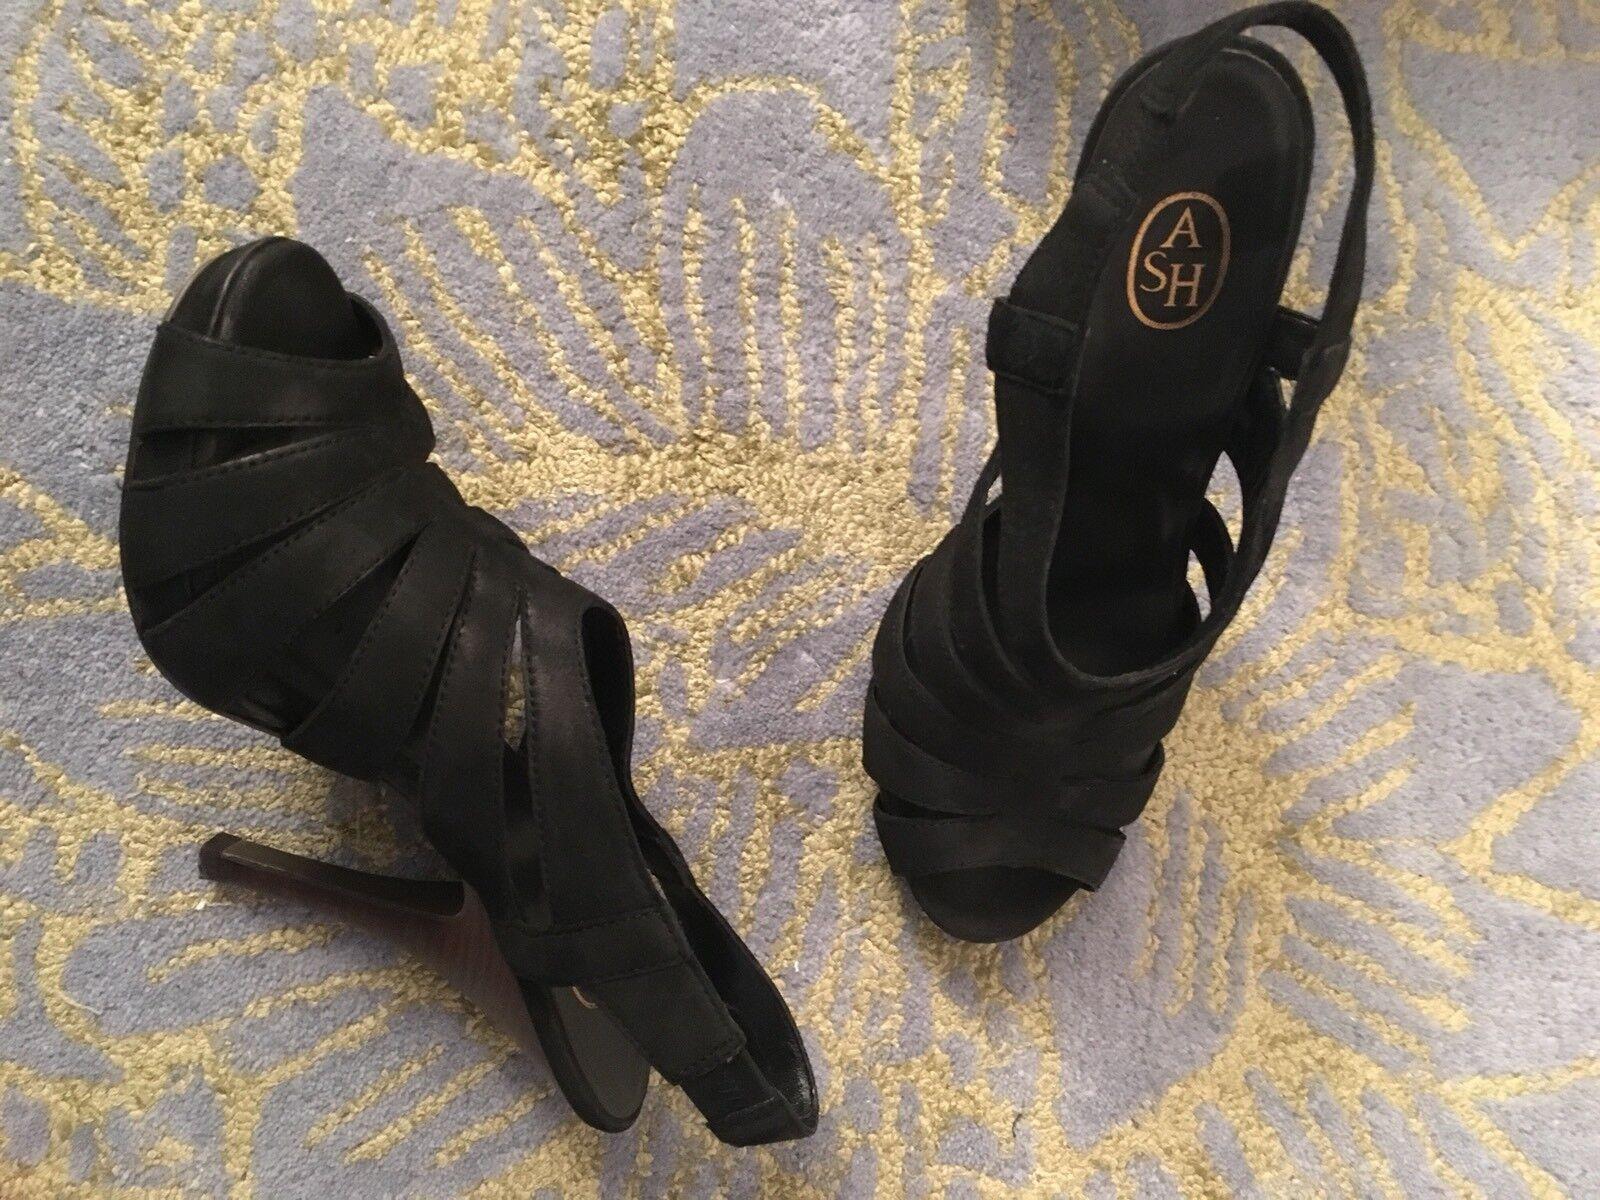 Ash Leder Sandaletten Leder Ash Schwarz 39 High Heels 1545fd